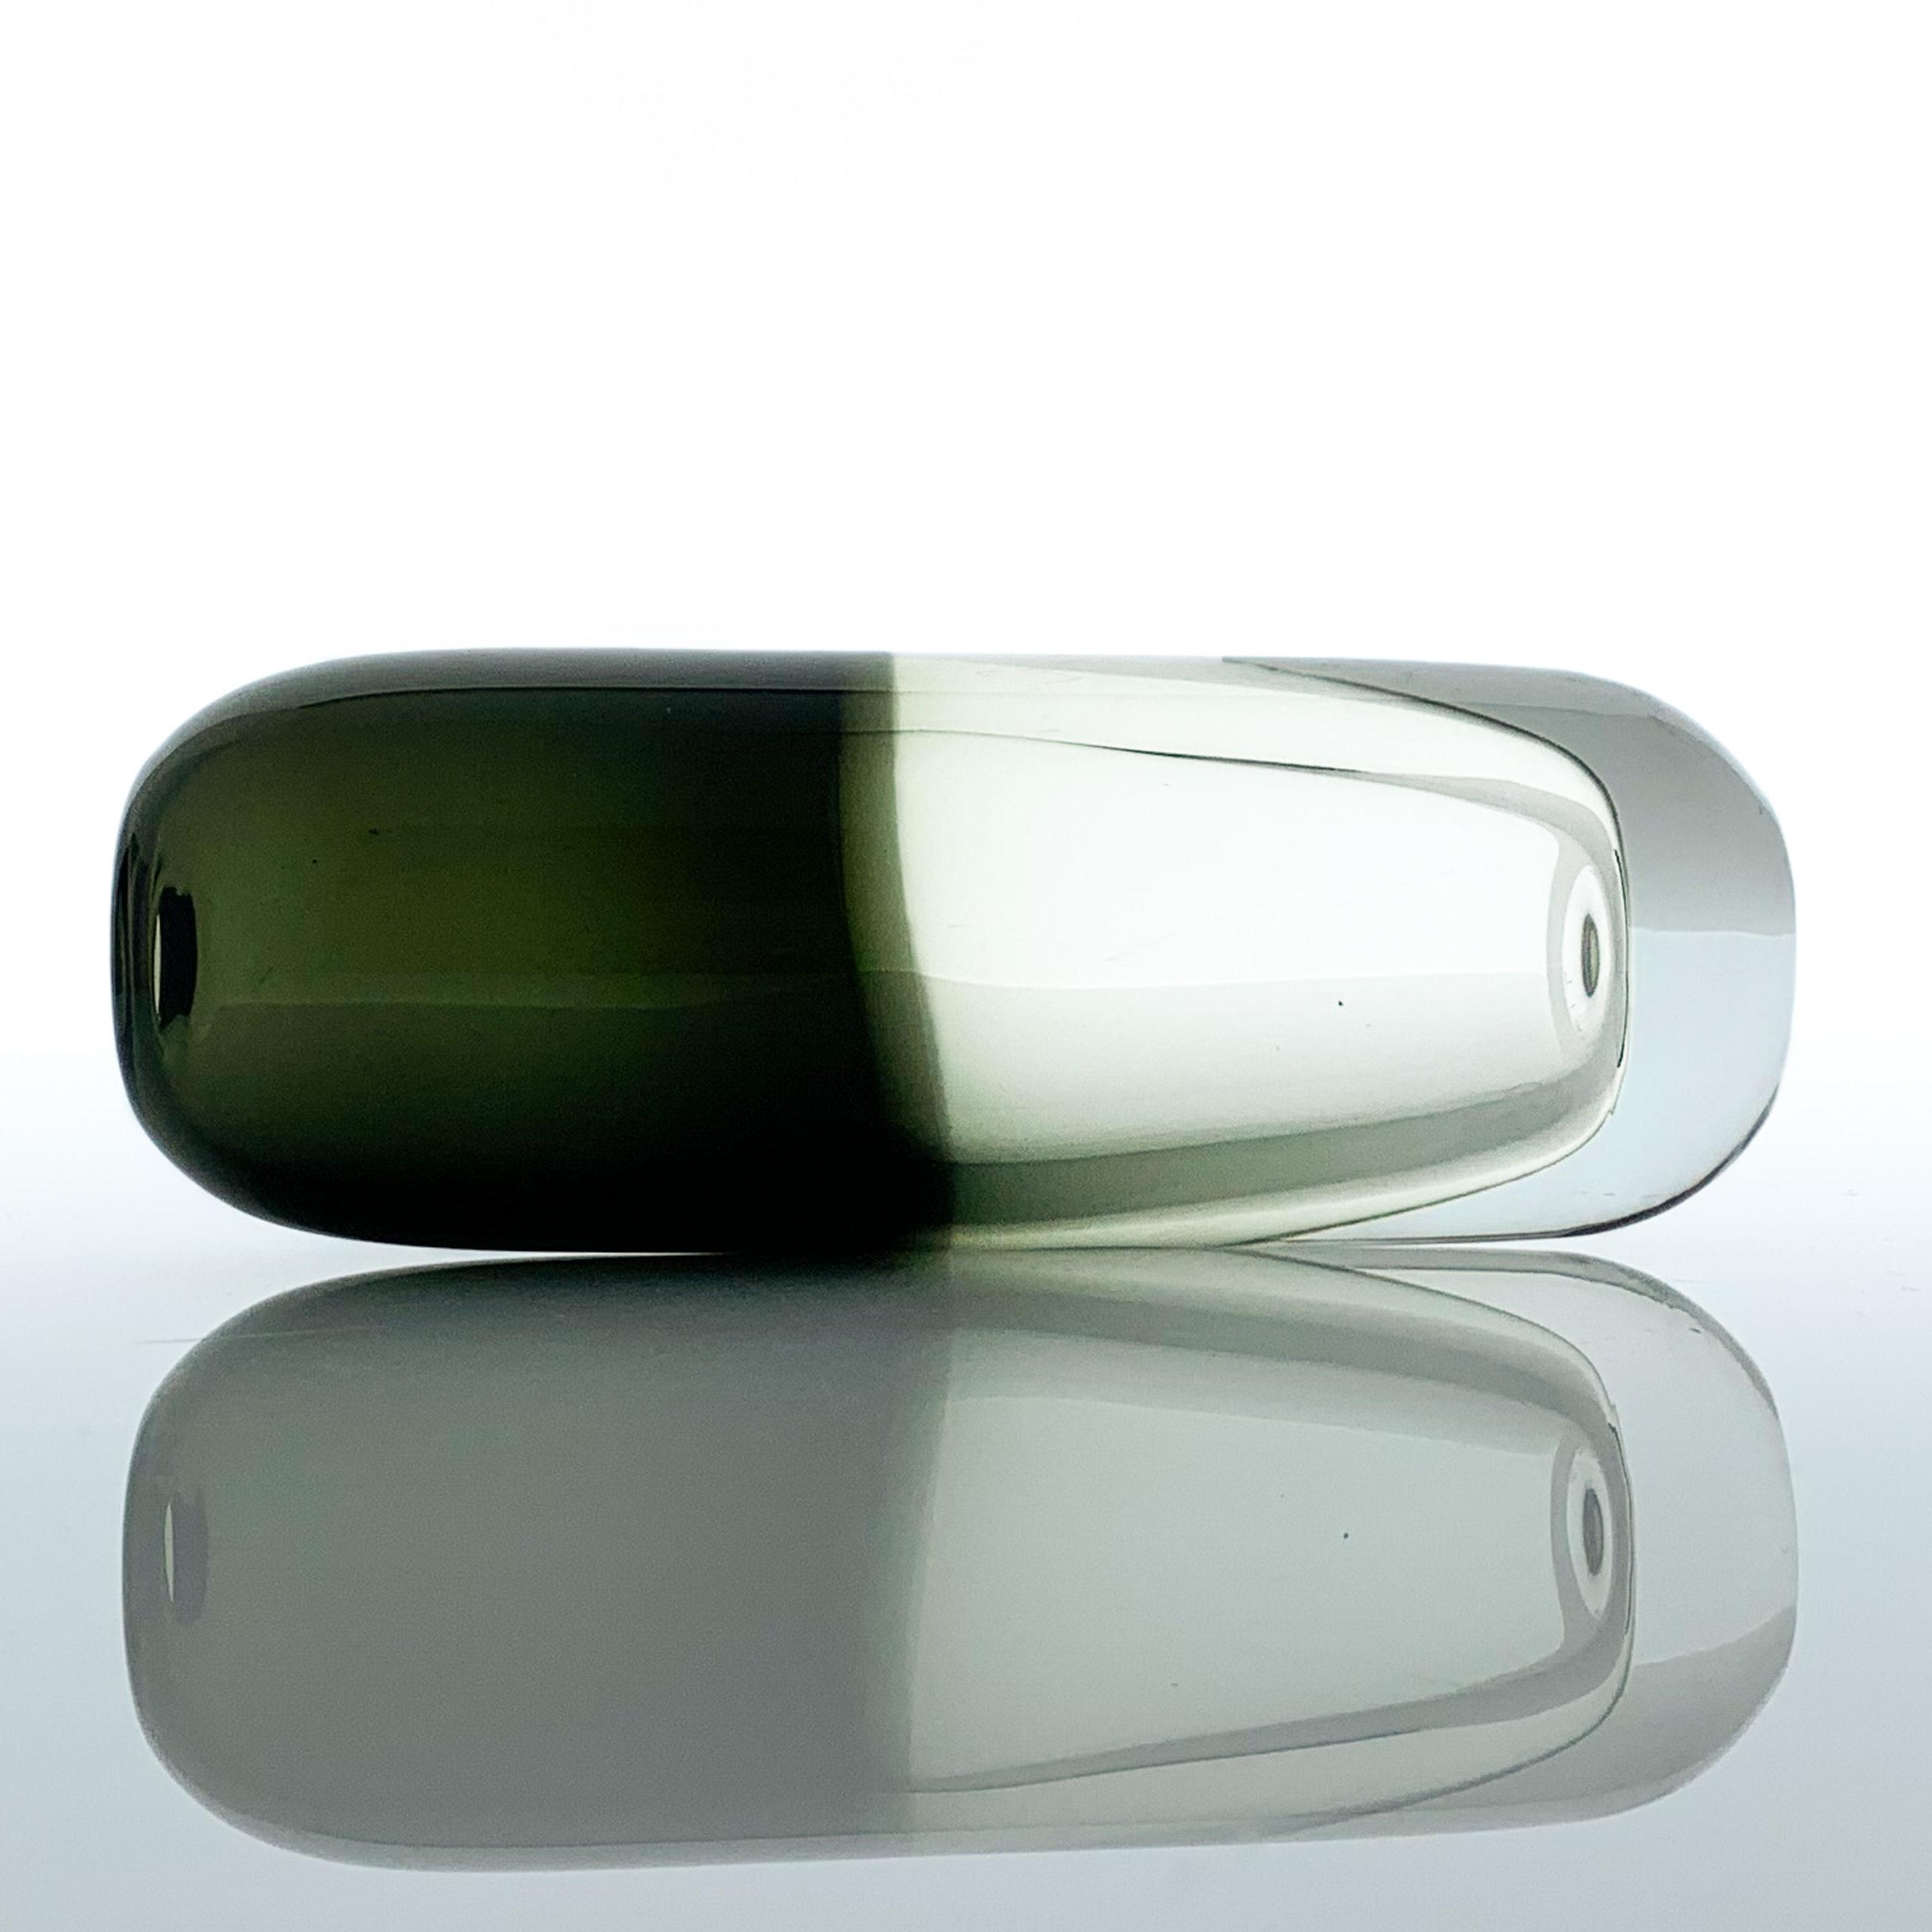 Timo Sarpaneva pill gradueell web (7 van 8)